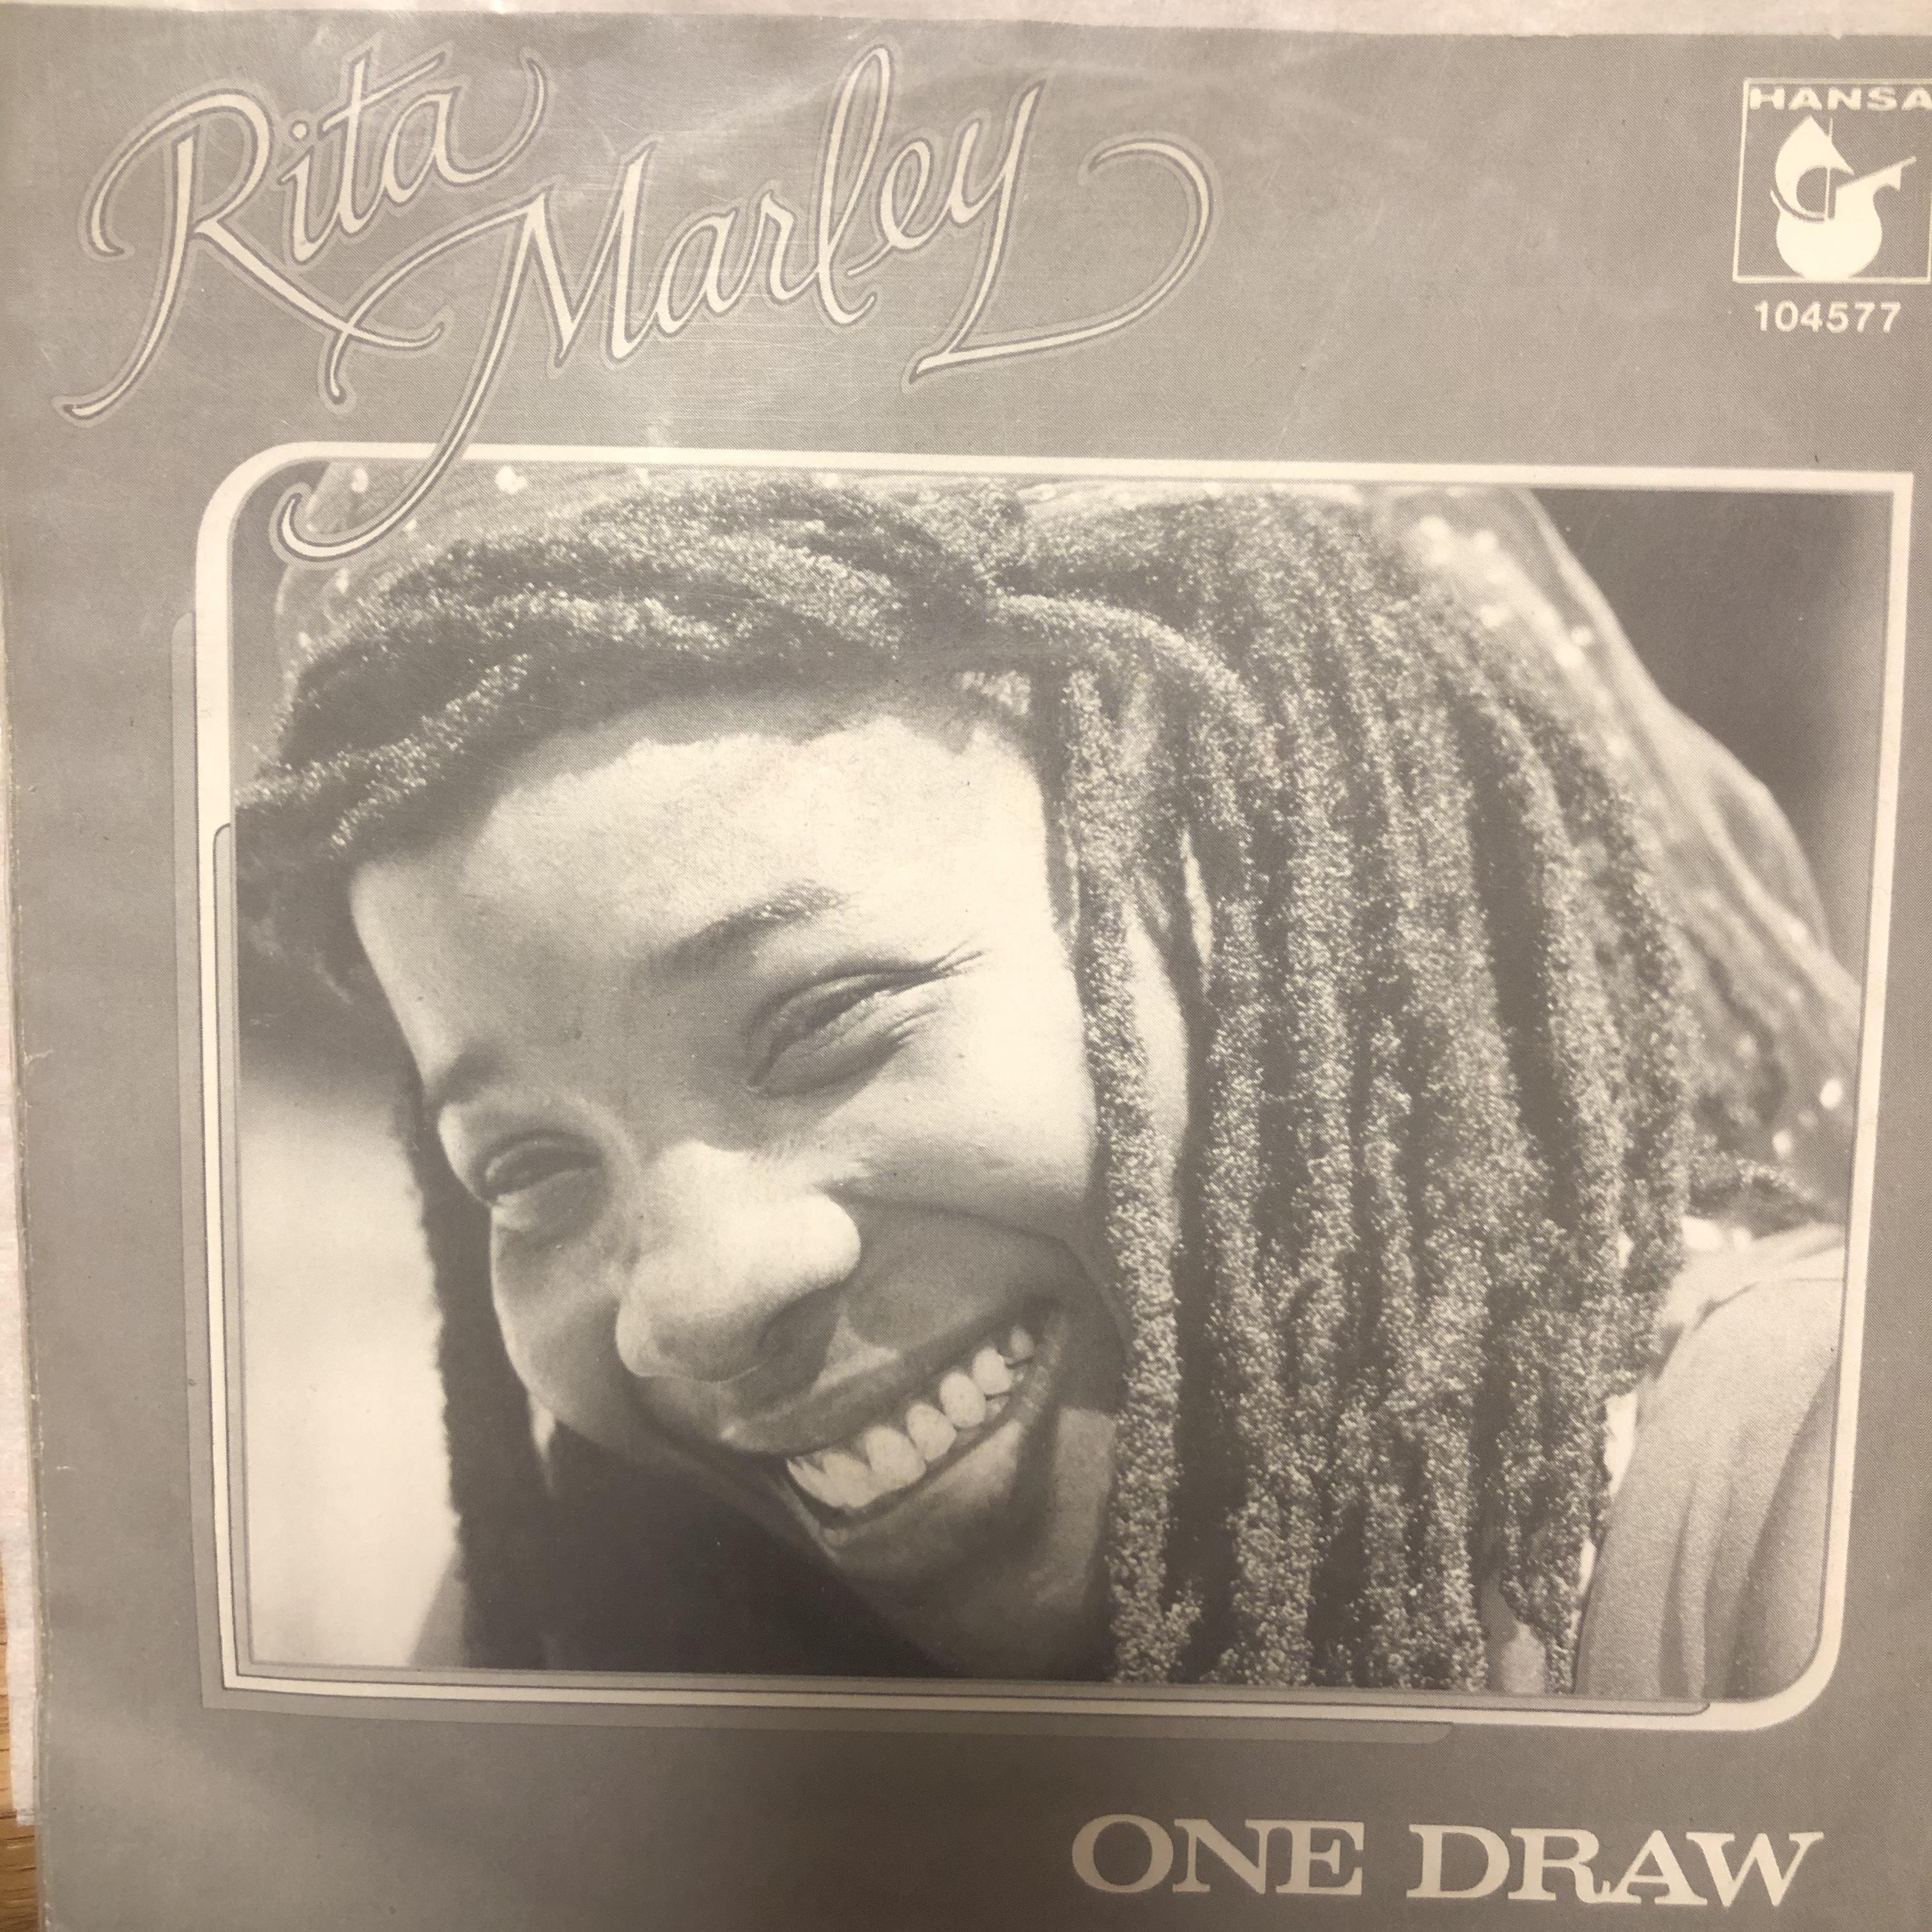 Rita Marley - One Draw【7-20488】